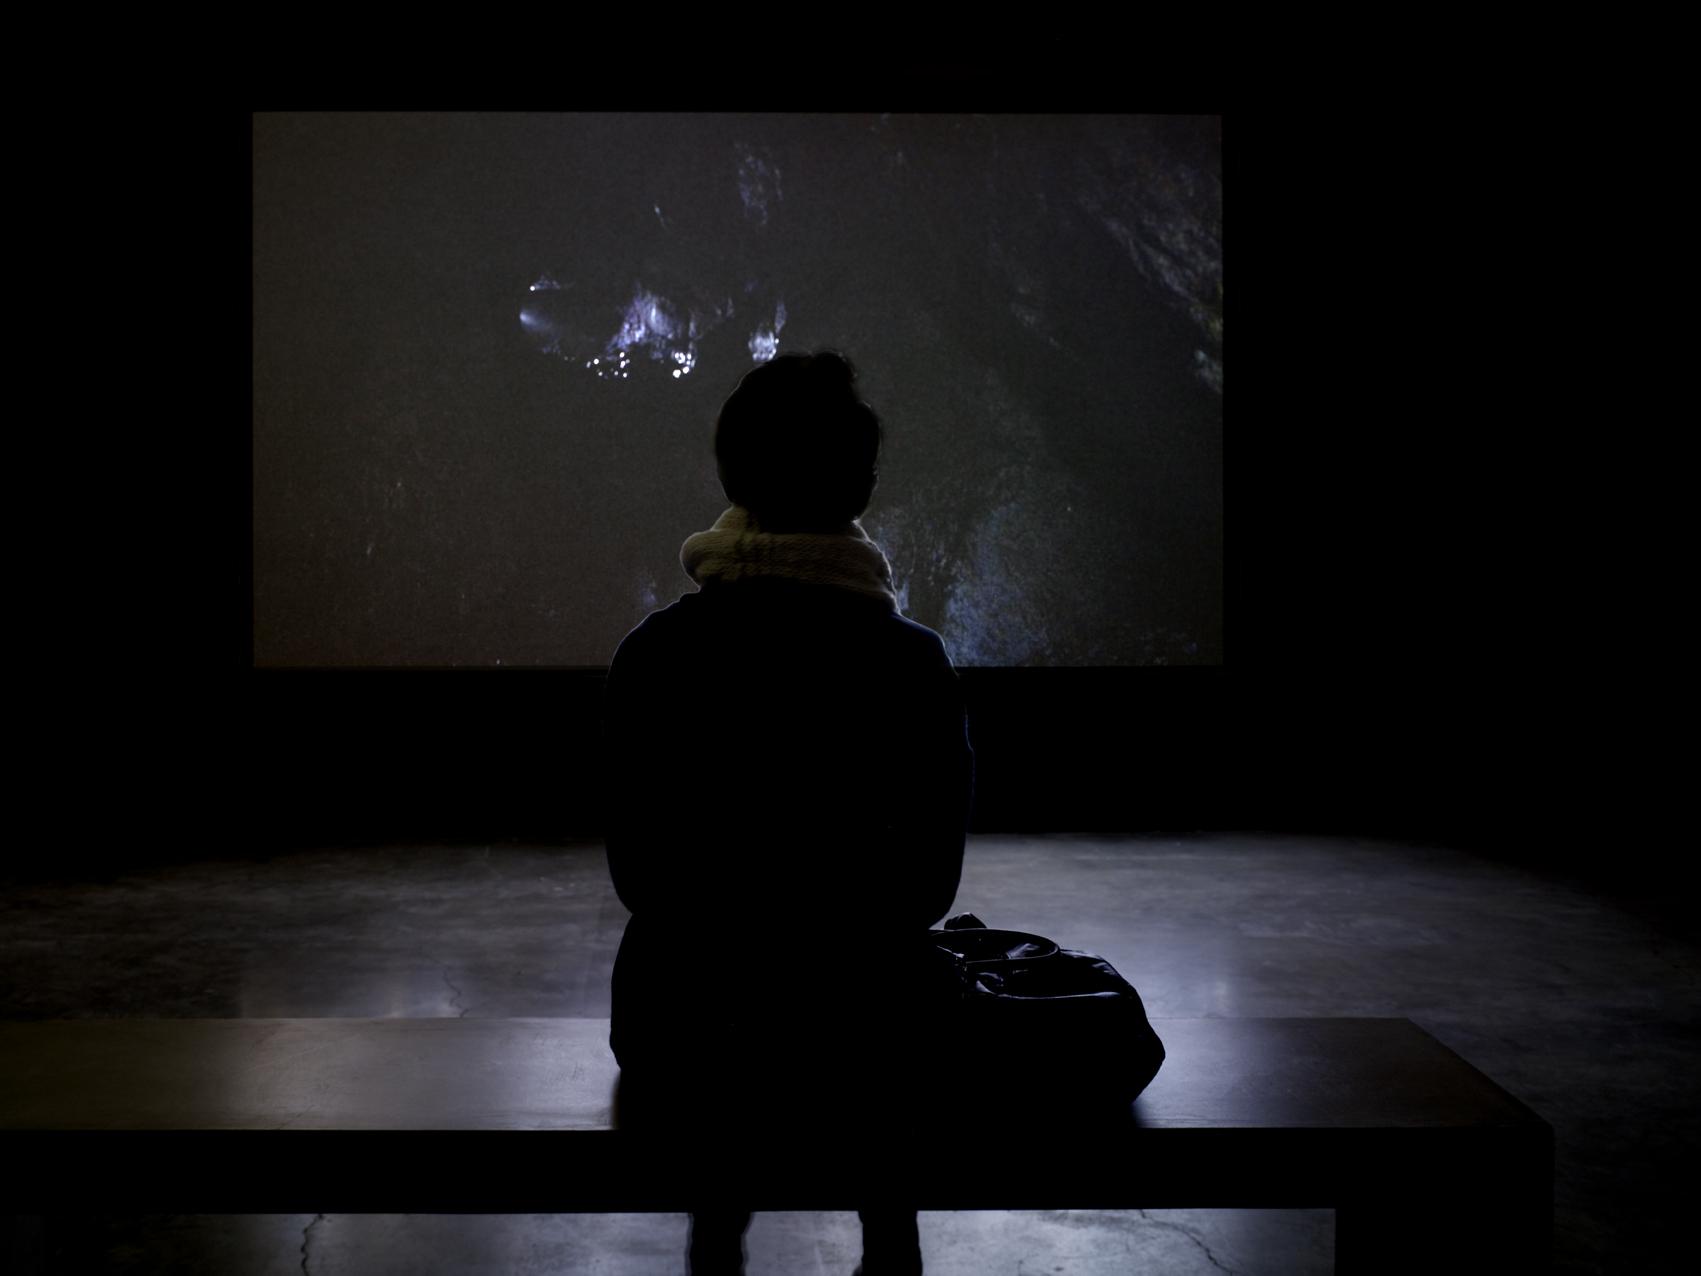 """Vue de l'exposition de Laurent Pernot """"Ruée vers la perdition"""", Palais de Tokyo. Sam Art Projects. Photo André Morin."""